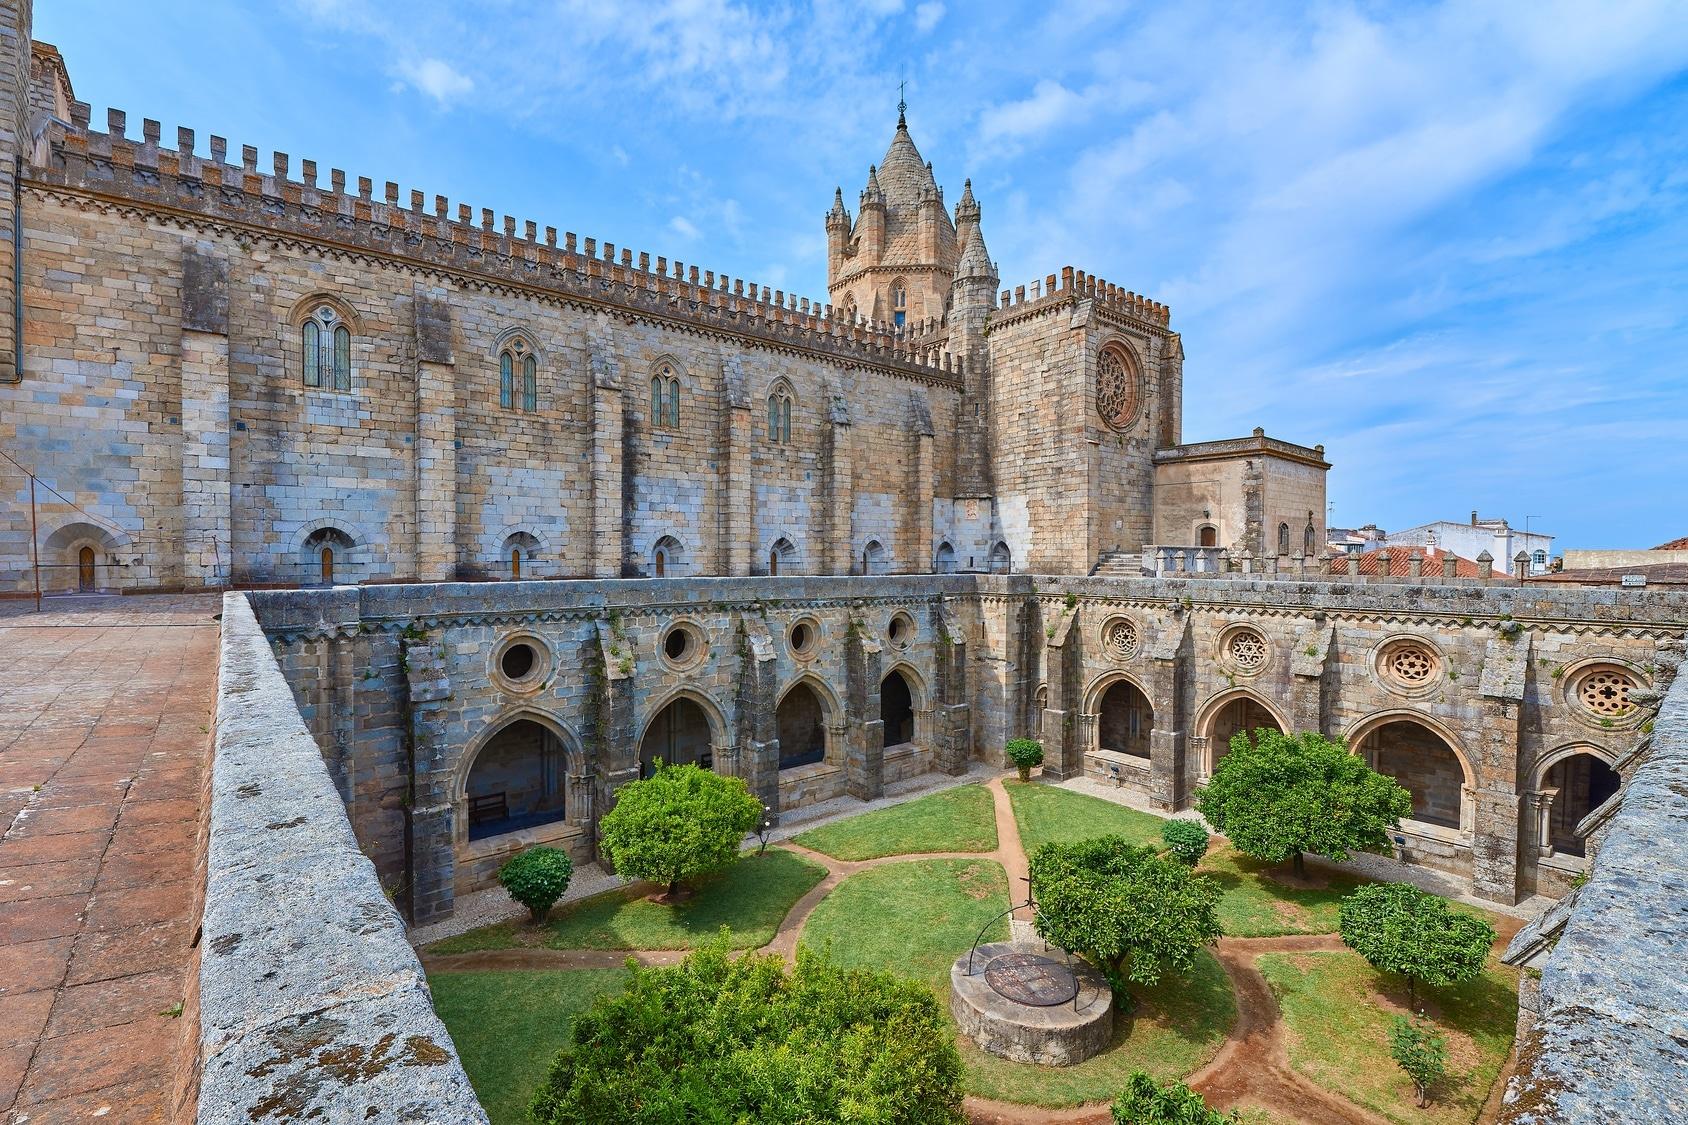 Visitas Guiadas Évora - Claustro Gótico da Catedral de Évora